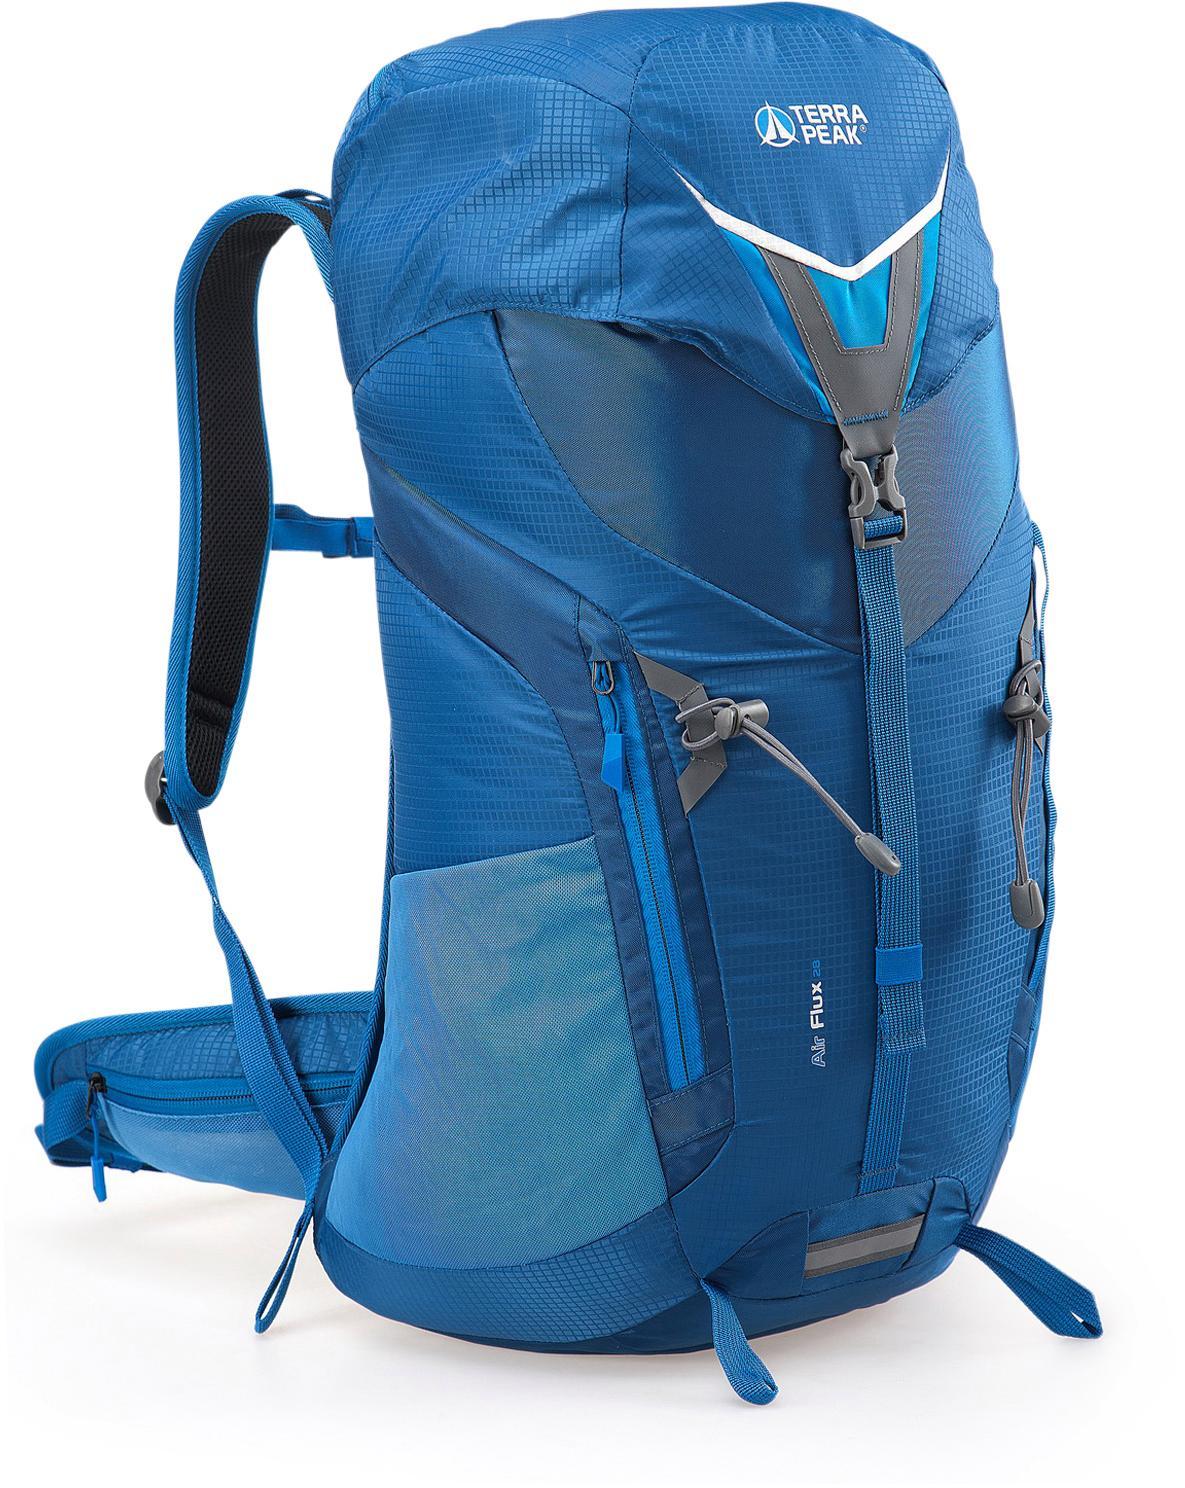 Terra Peak Trekkingrucksack »Airflux 28« | Taschen > Rucksäcke > Sonstige Rucksäcke | Blau | TERRA PEAK